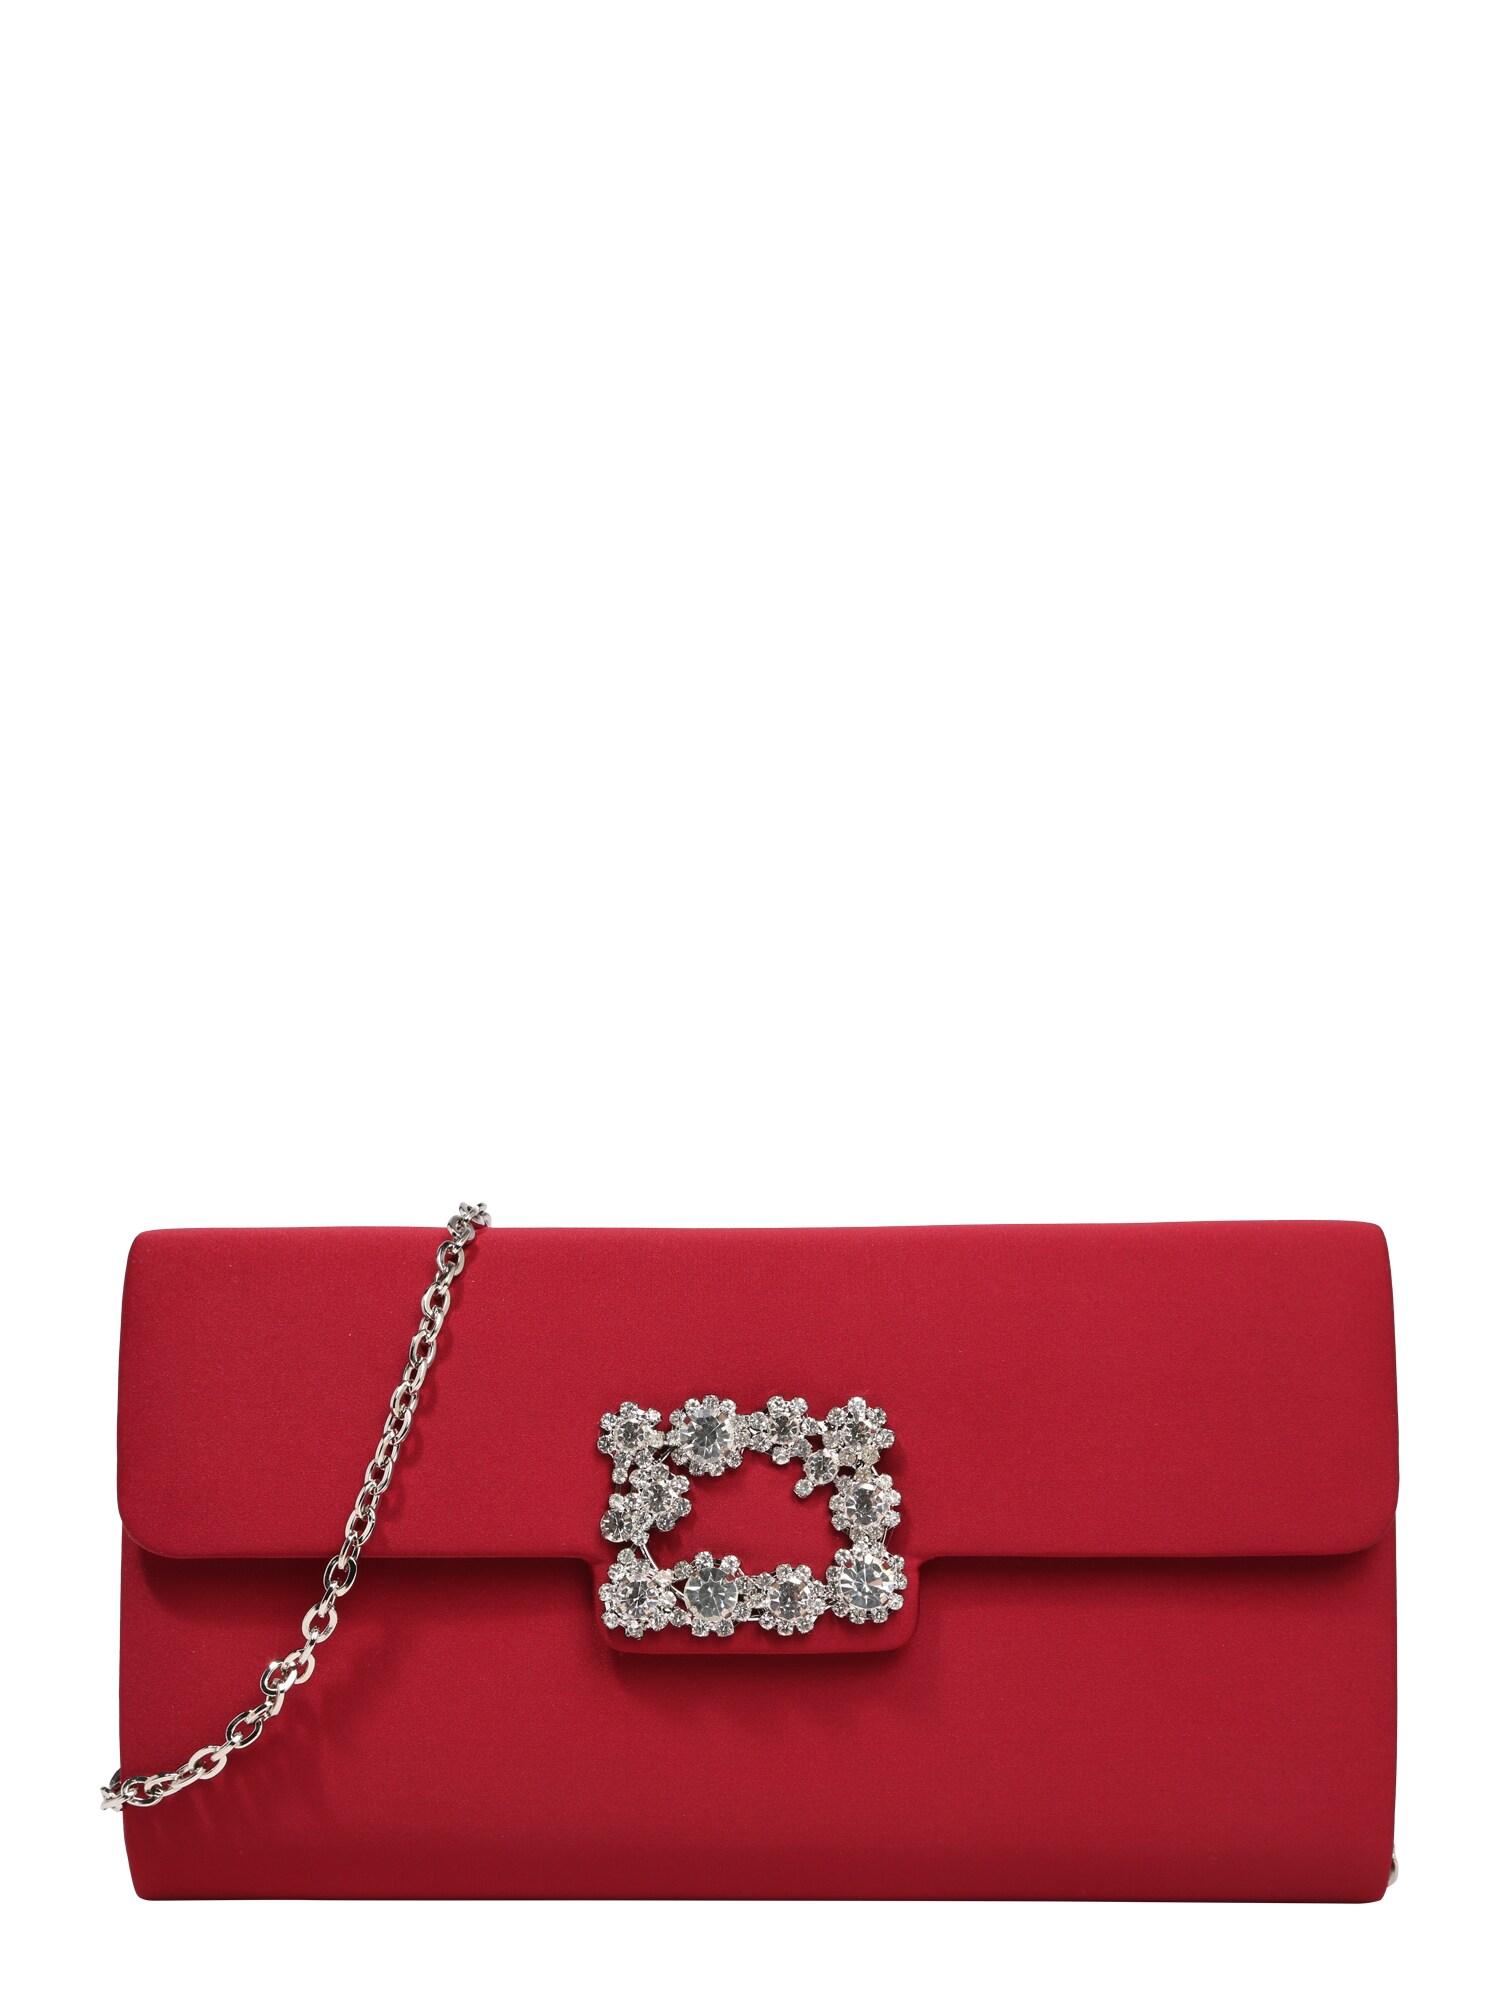 Taška přes rameno DIAMOND BUCKLE vínově červená Mascara